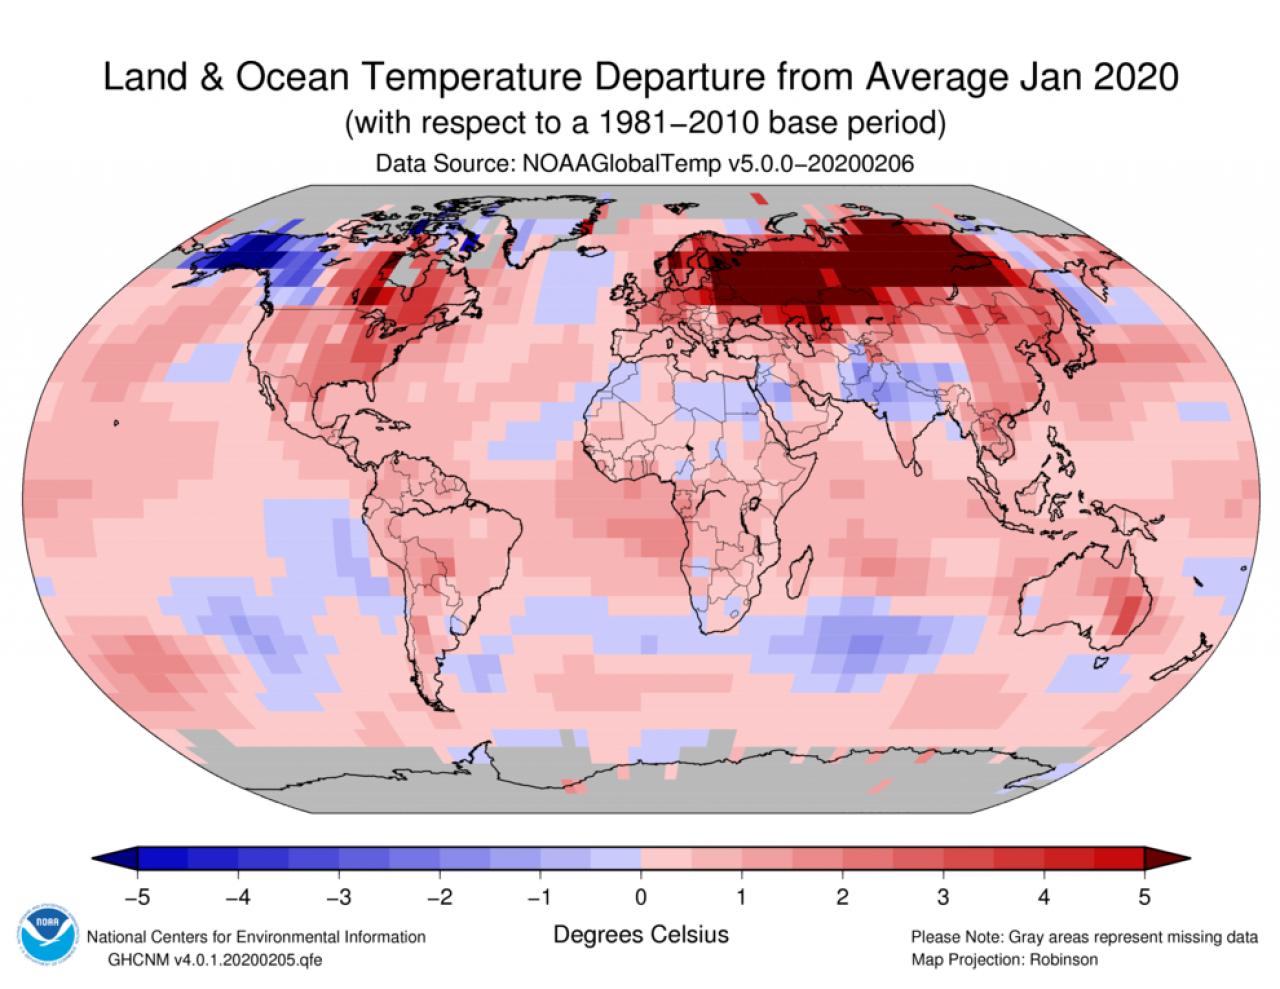 Scarti termici di gennaio 2020 rispetto alla media (Fonte immagine NOAA)